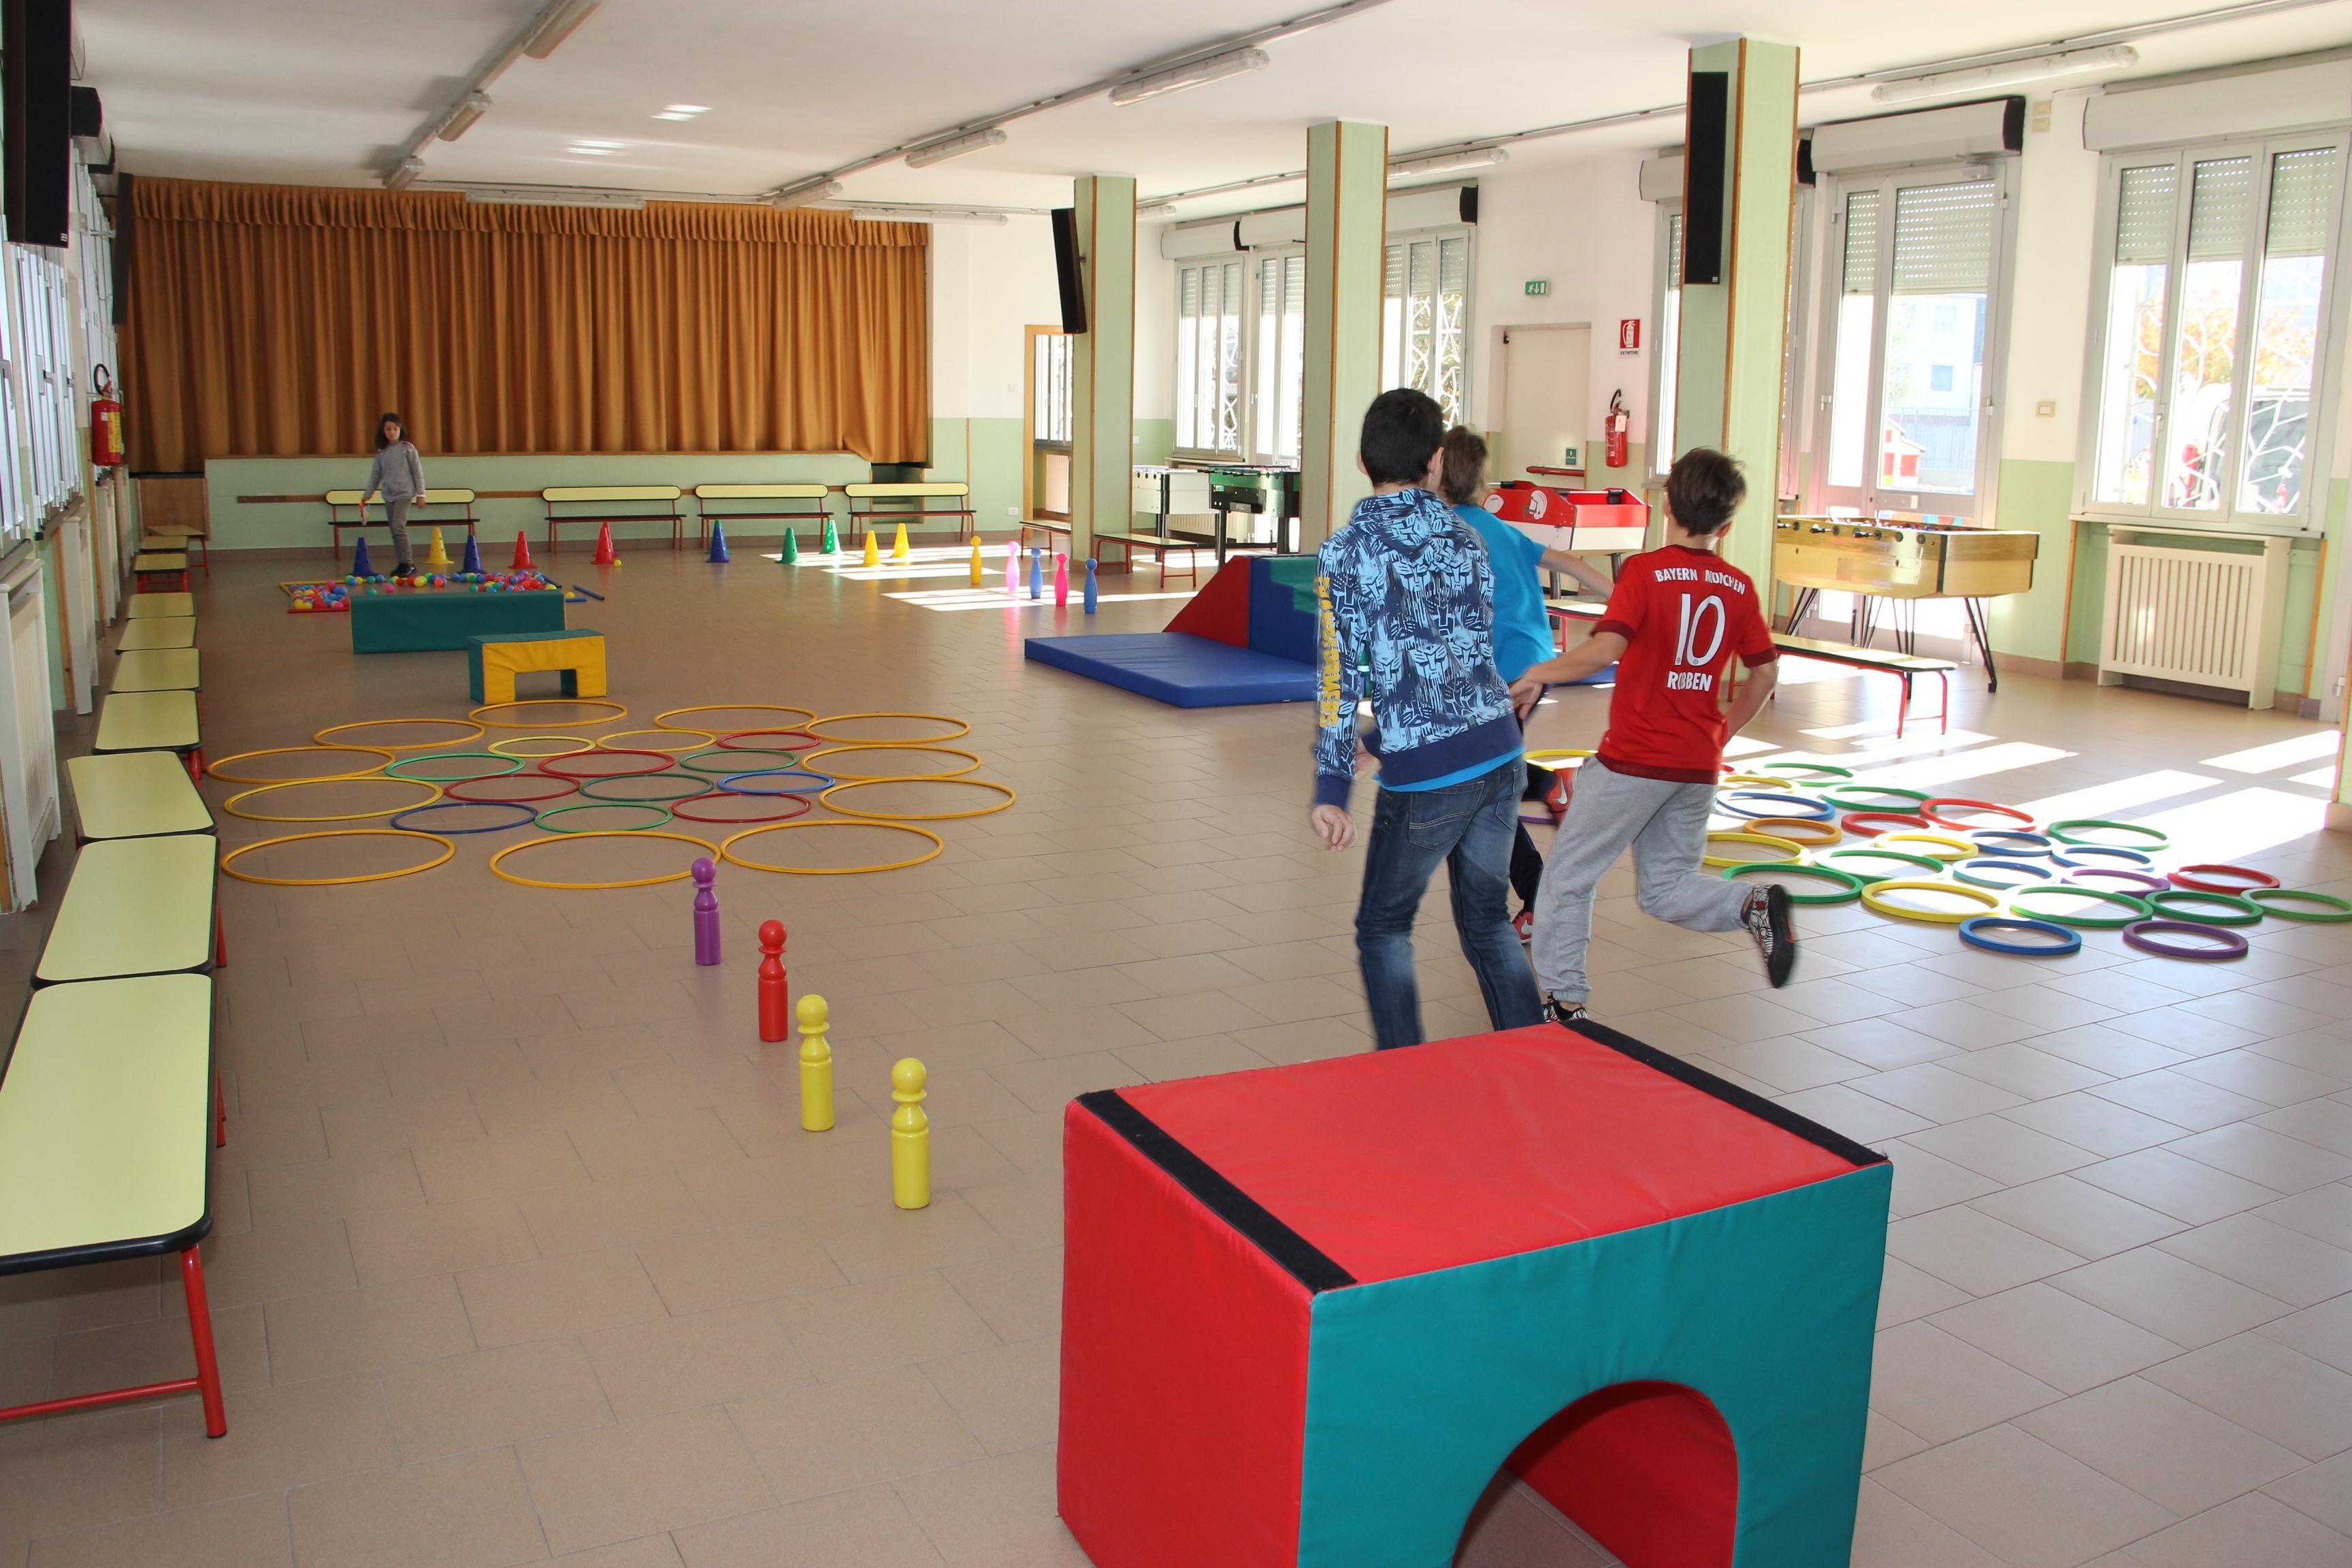 Palestra Scuola Maria Ausiliatrice - Lodi